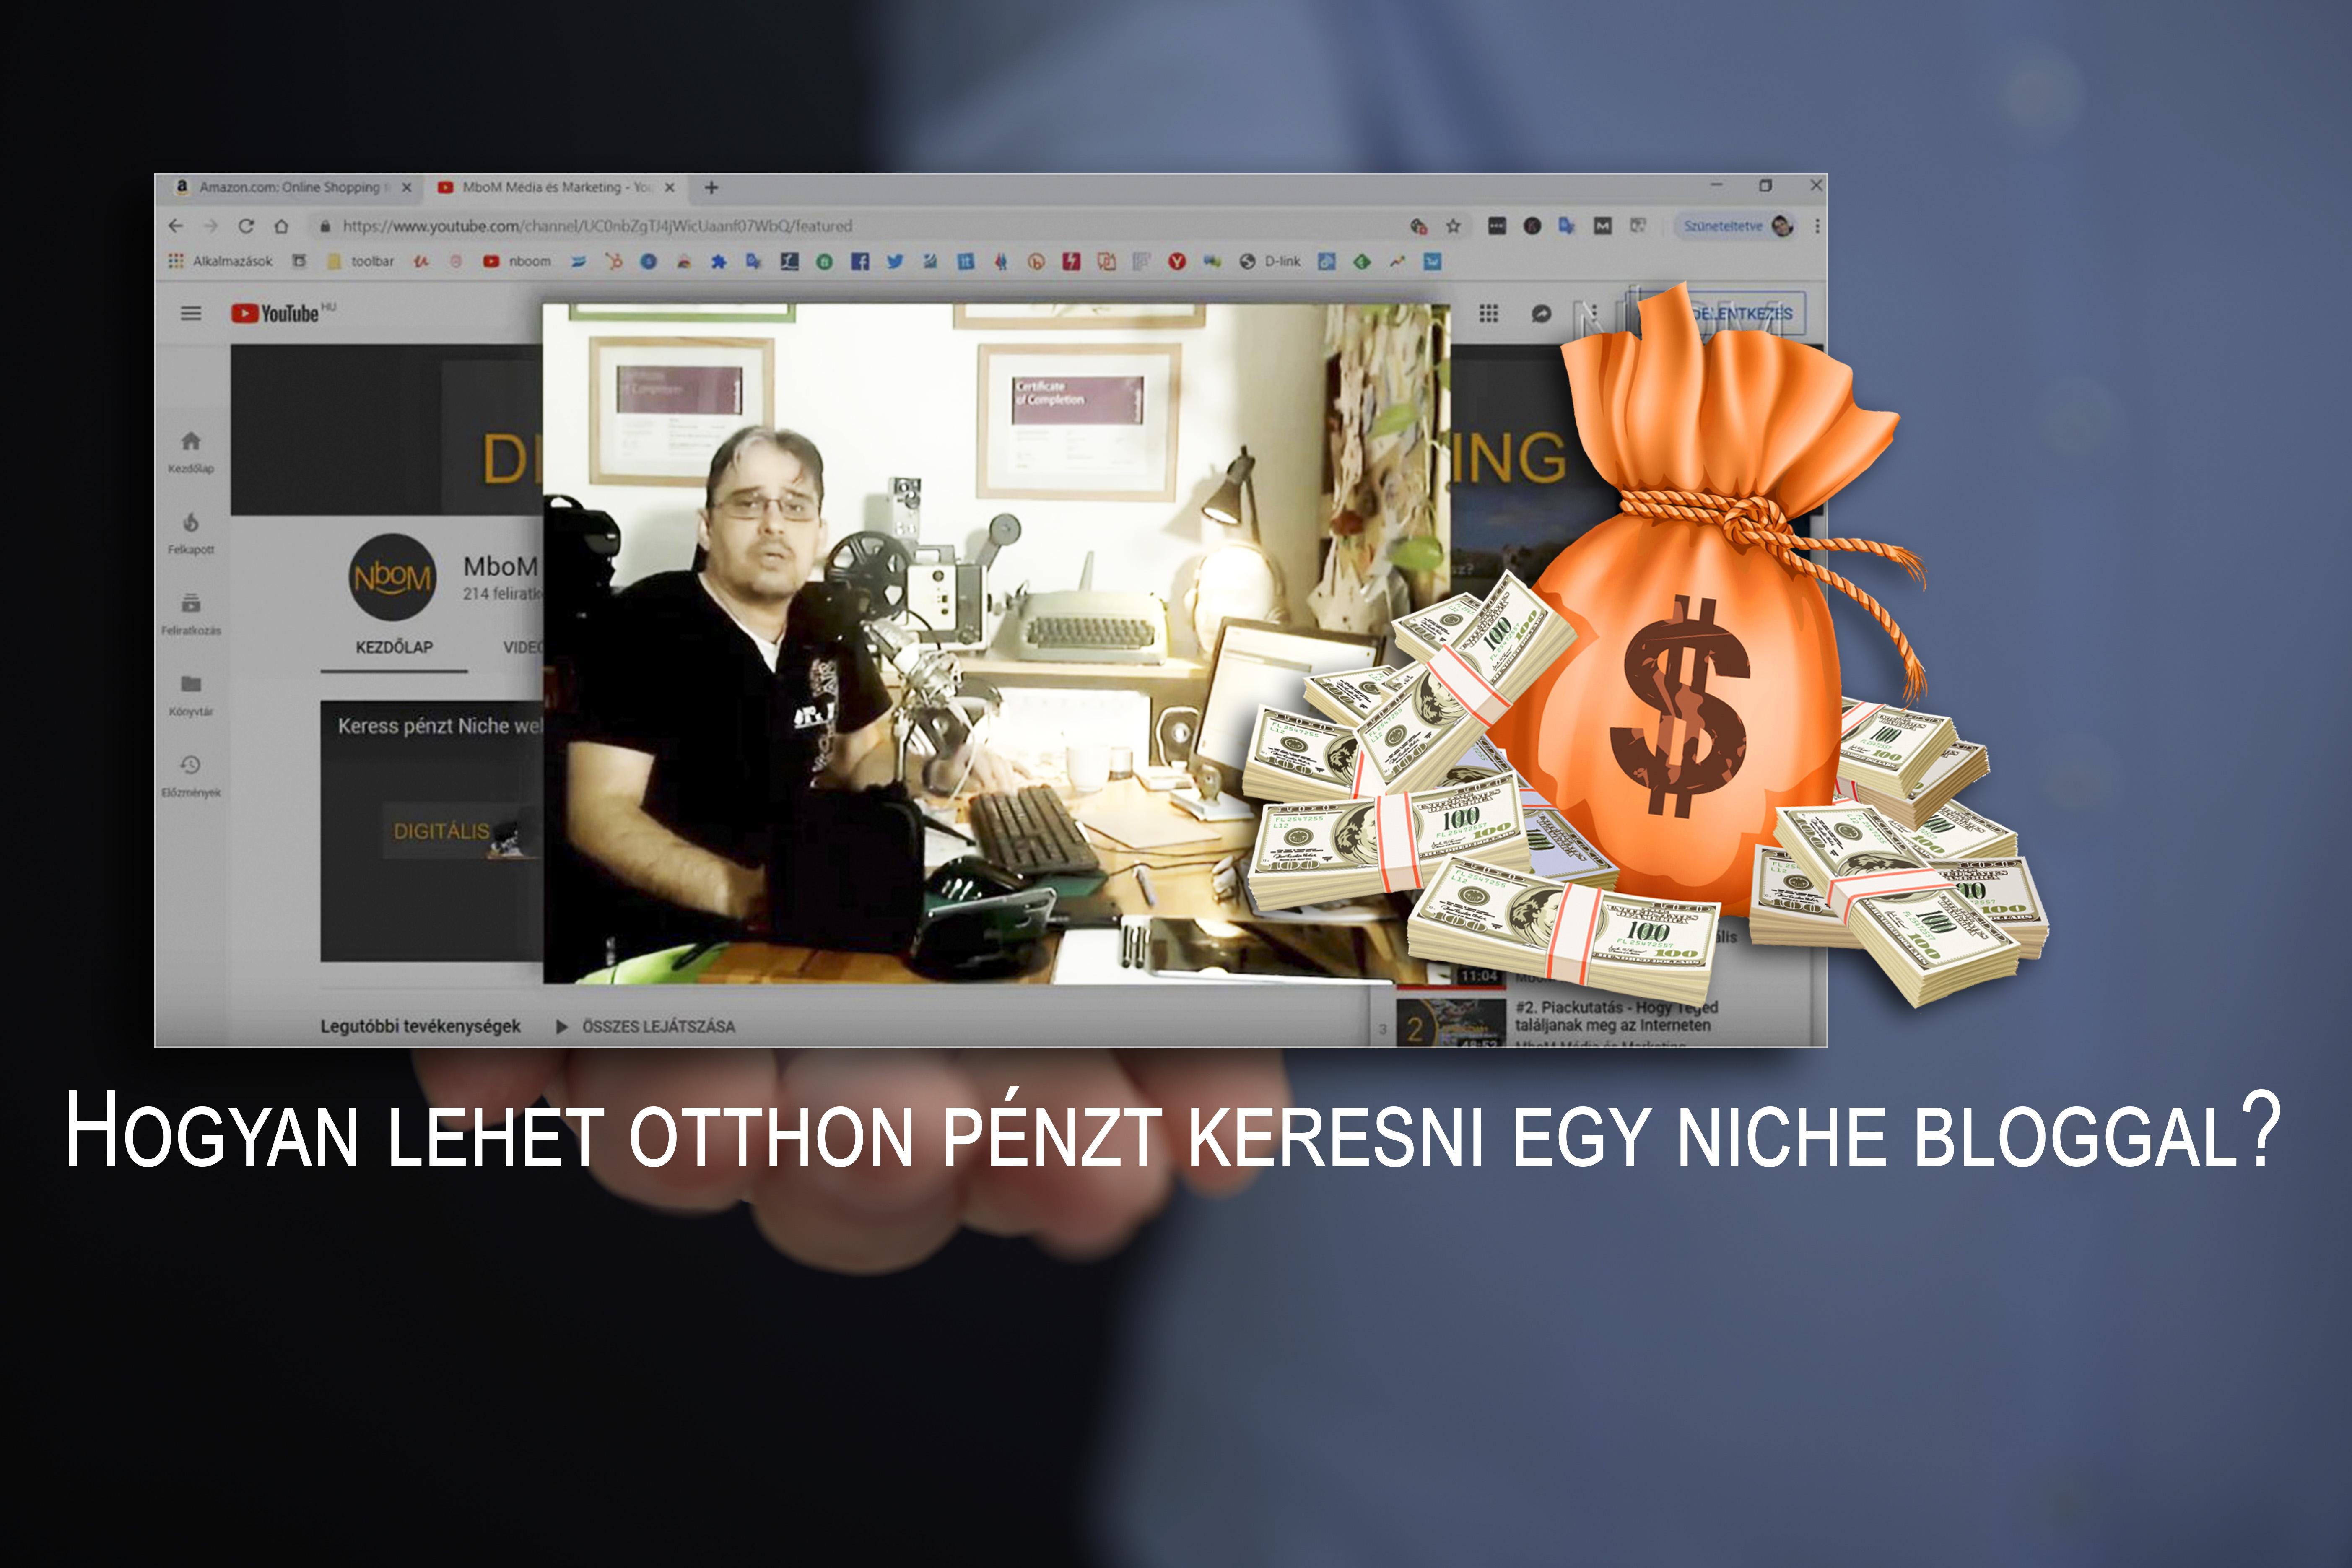 van internet és tudás, hogyan lehet pénzt keresni